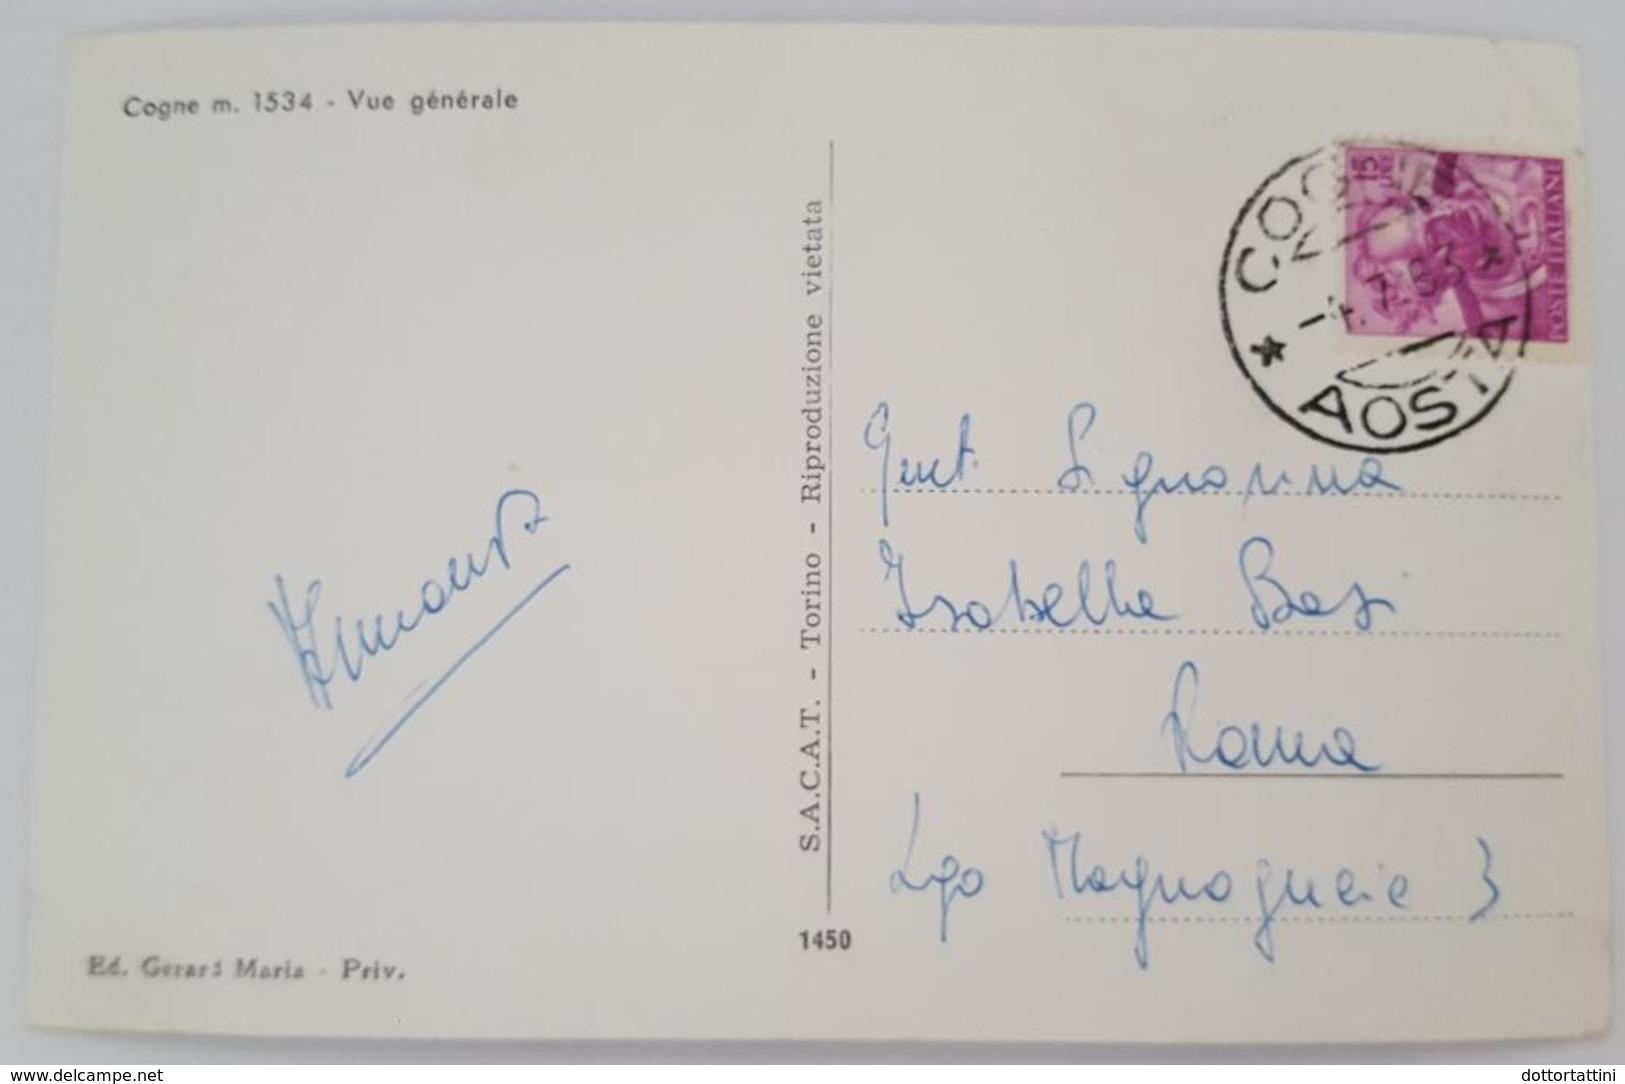 COGNE - PANORAMA  -Vue Generale - Vg 1963 - Italia